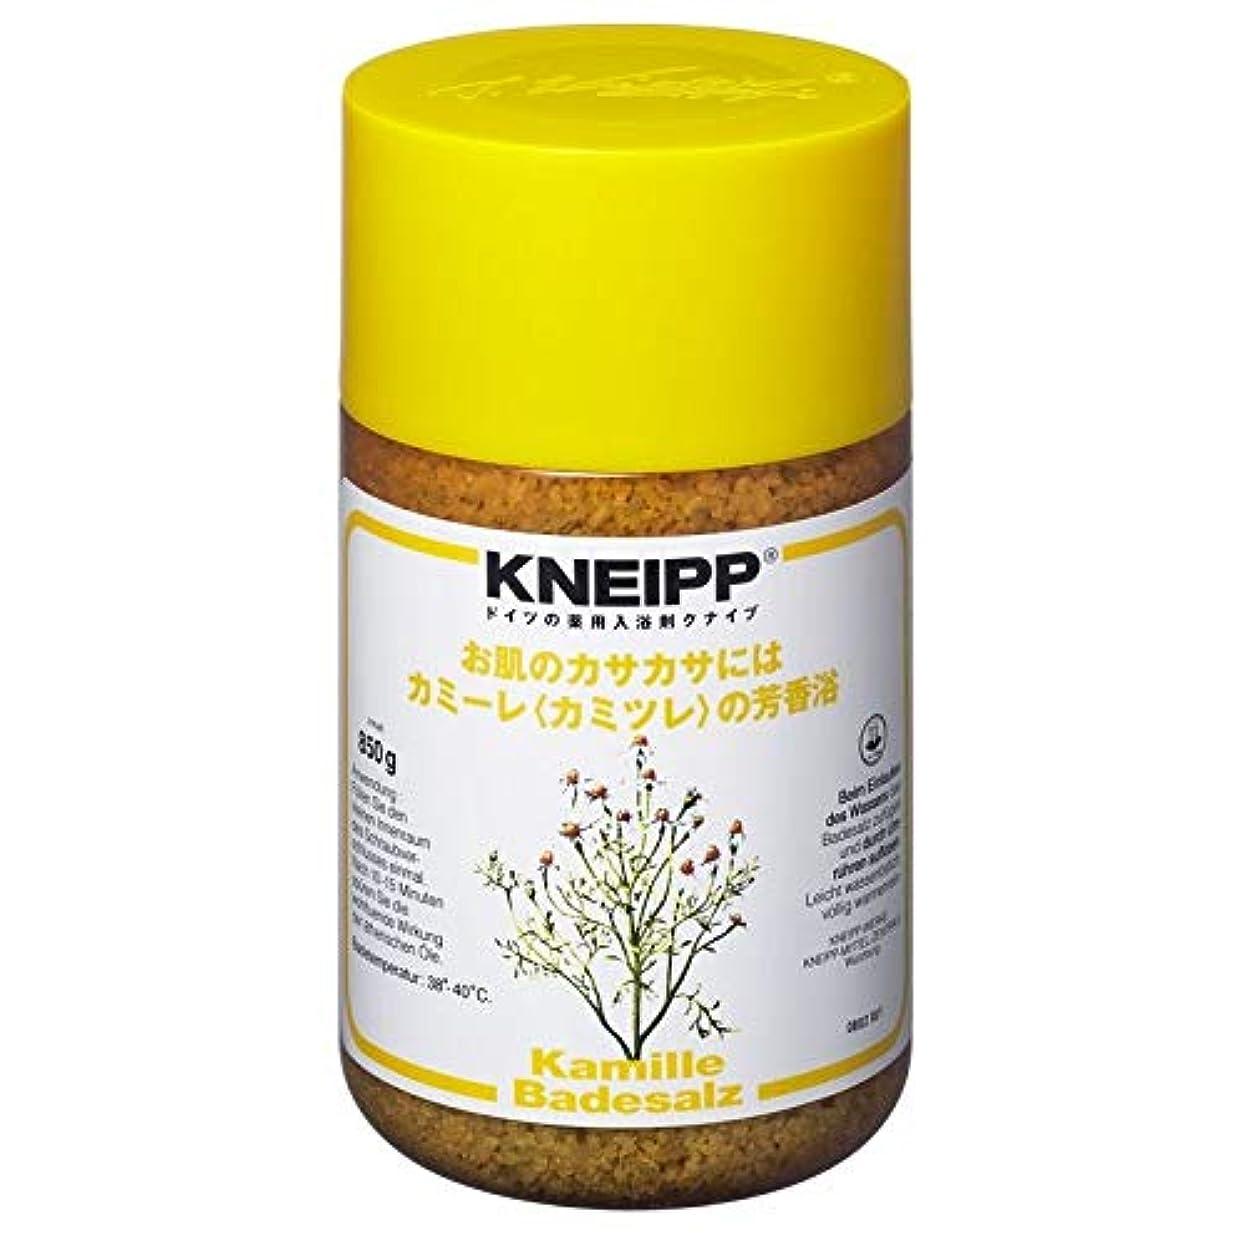 肥料アミューズメント粘土クナイプ バスソルト カミーレカミツレの香り 850G 2個セット